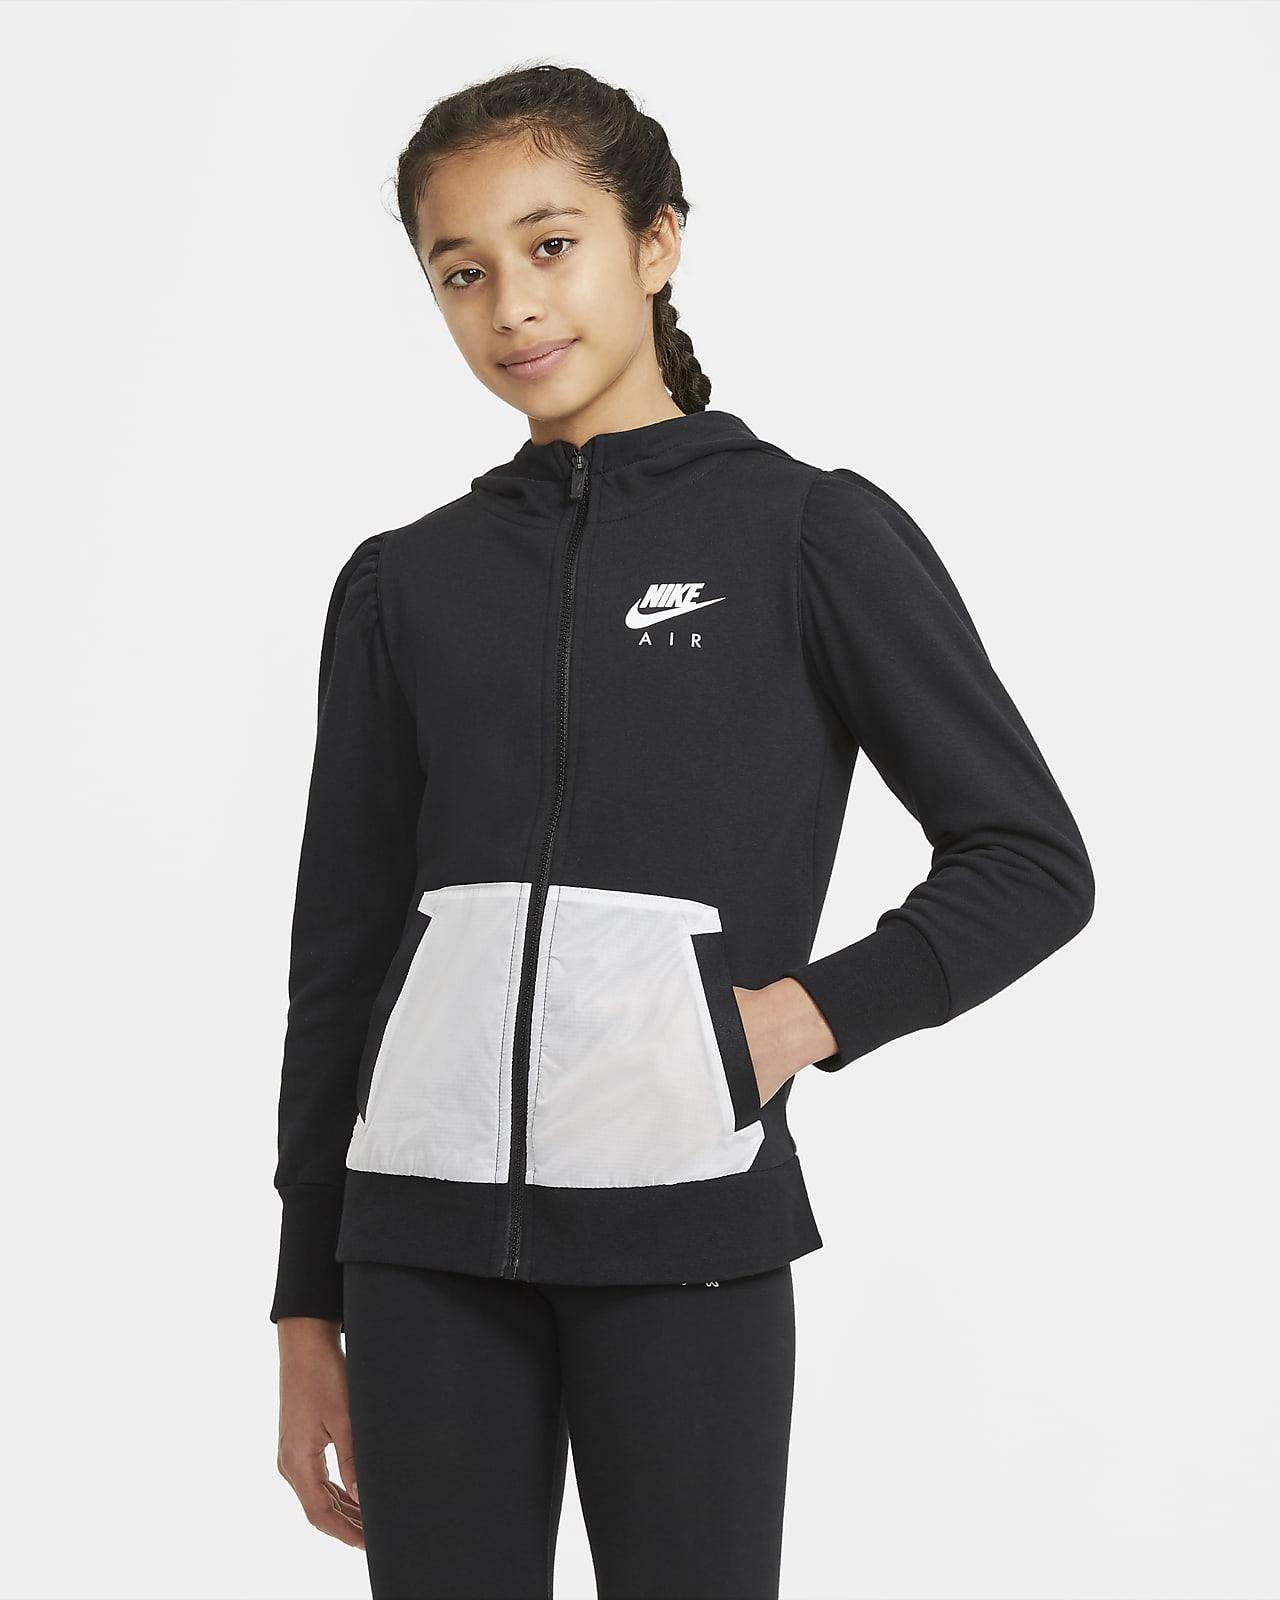 Felpa in French Terry con cappuccio e zip a tutta lunghezza Nike Air - Ragazza